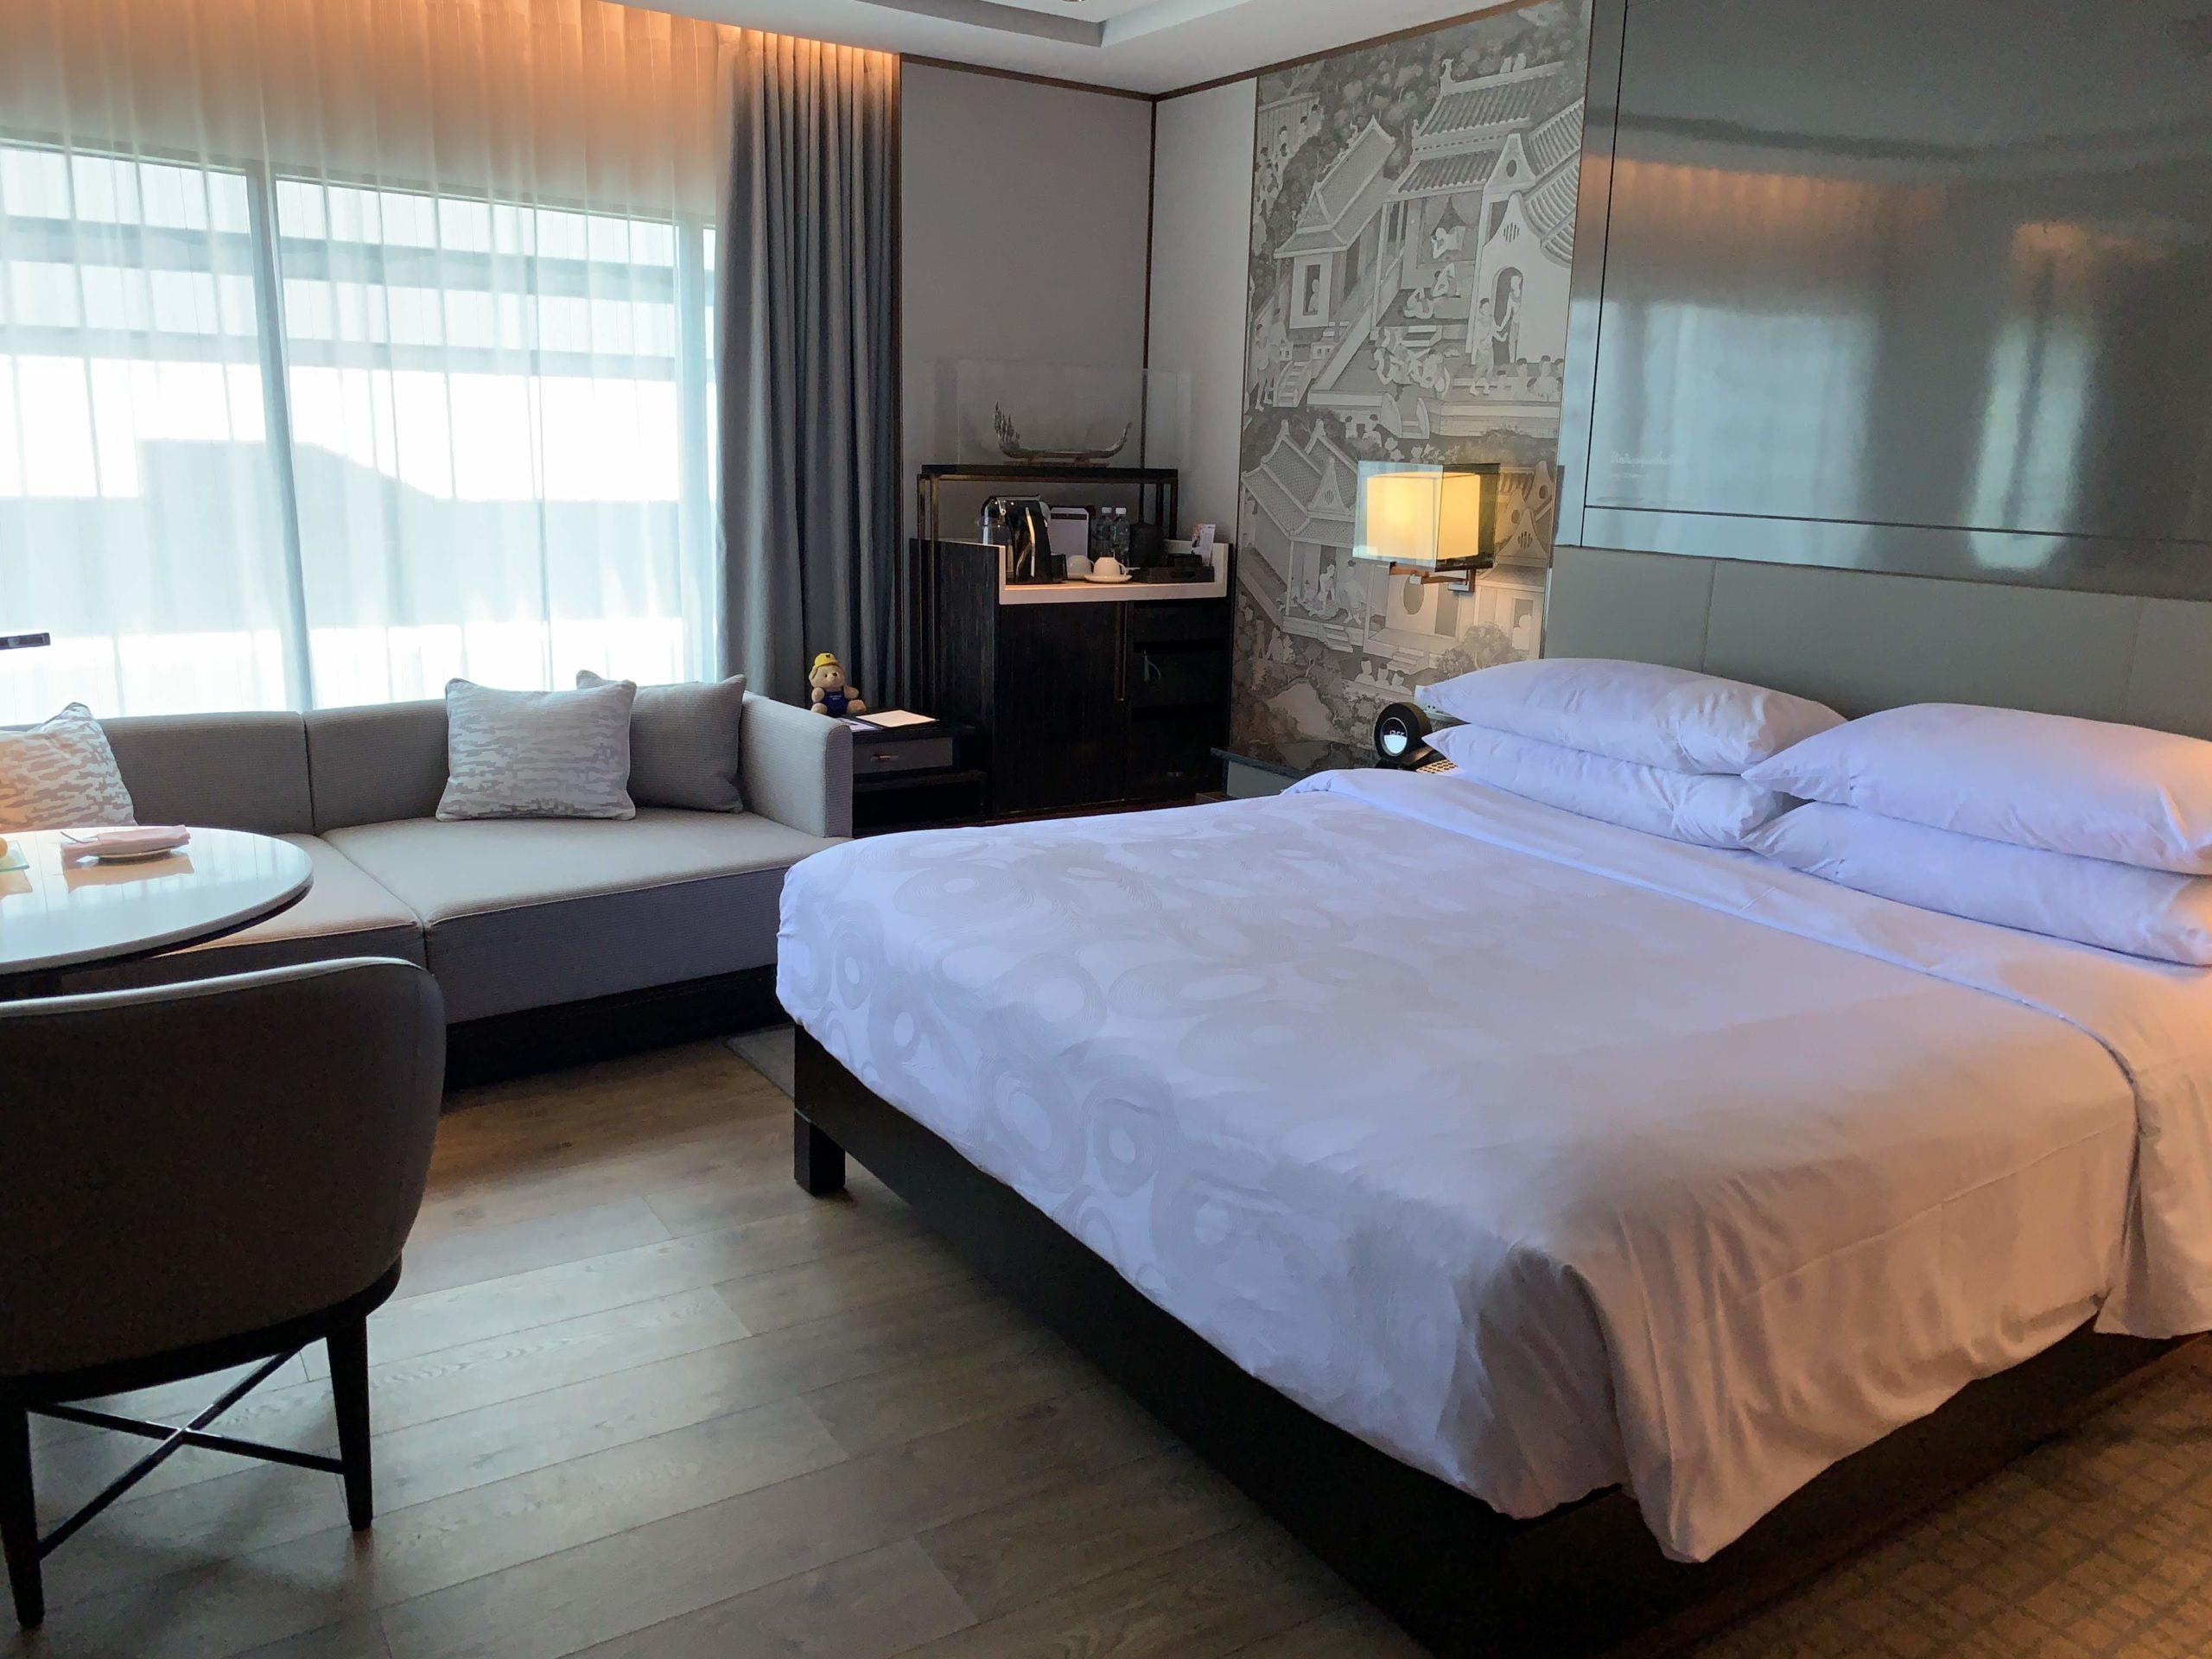 JWマリオット・ホテル・バンコクお部屋ベッド